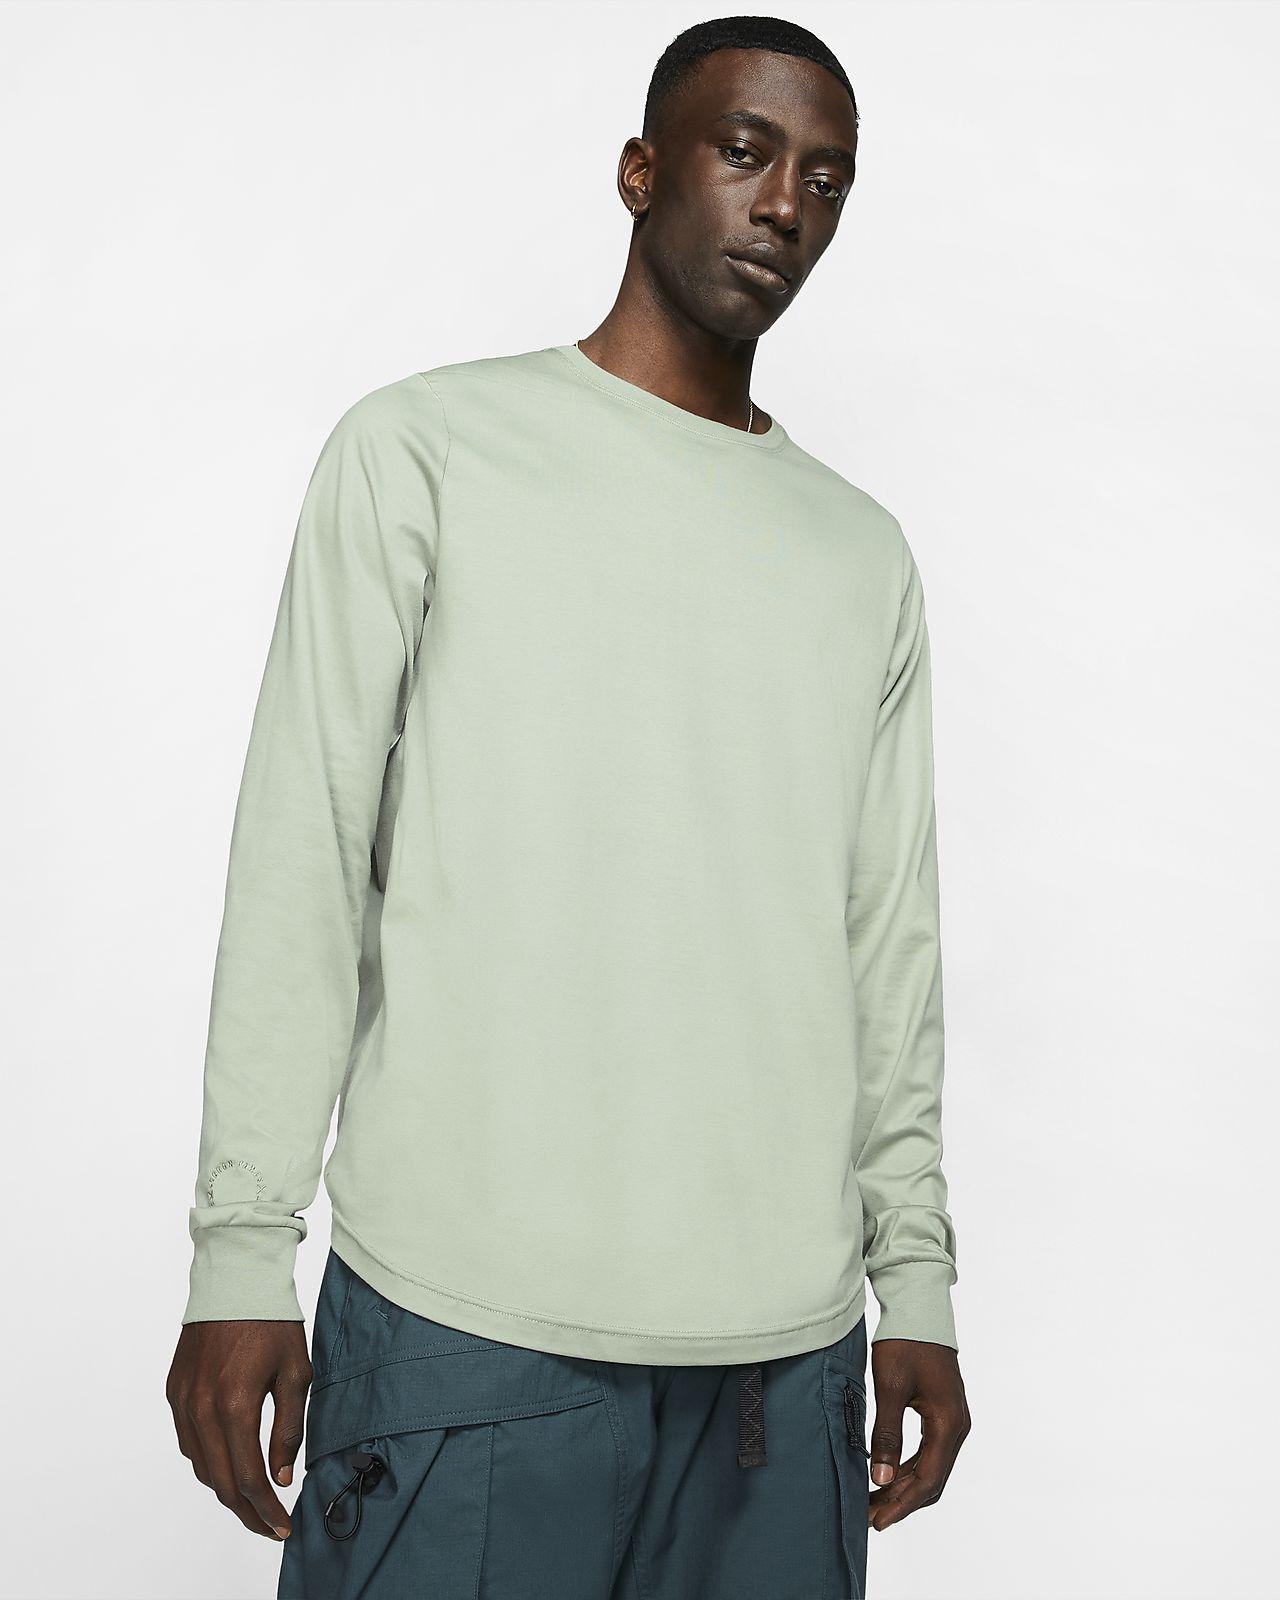 レブロン x ジョン エリオット メンズ Tシャツ